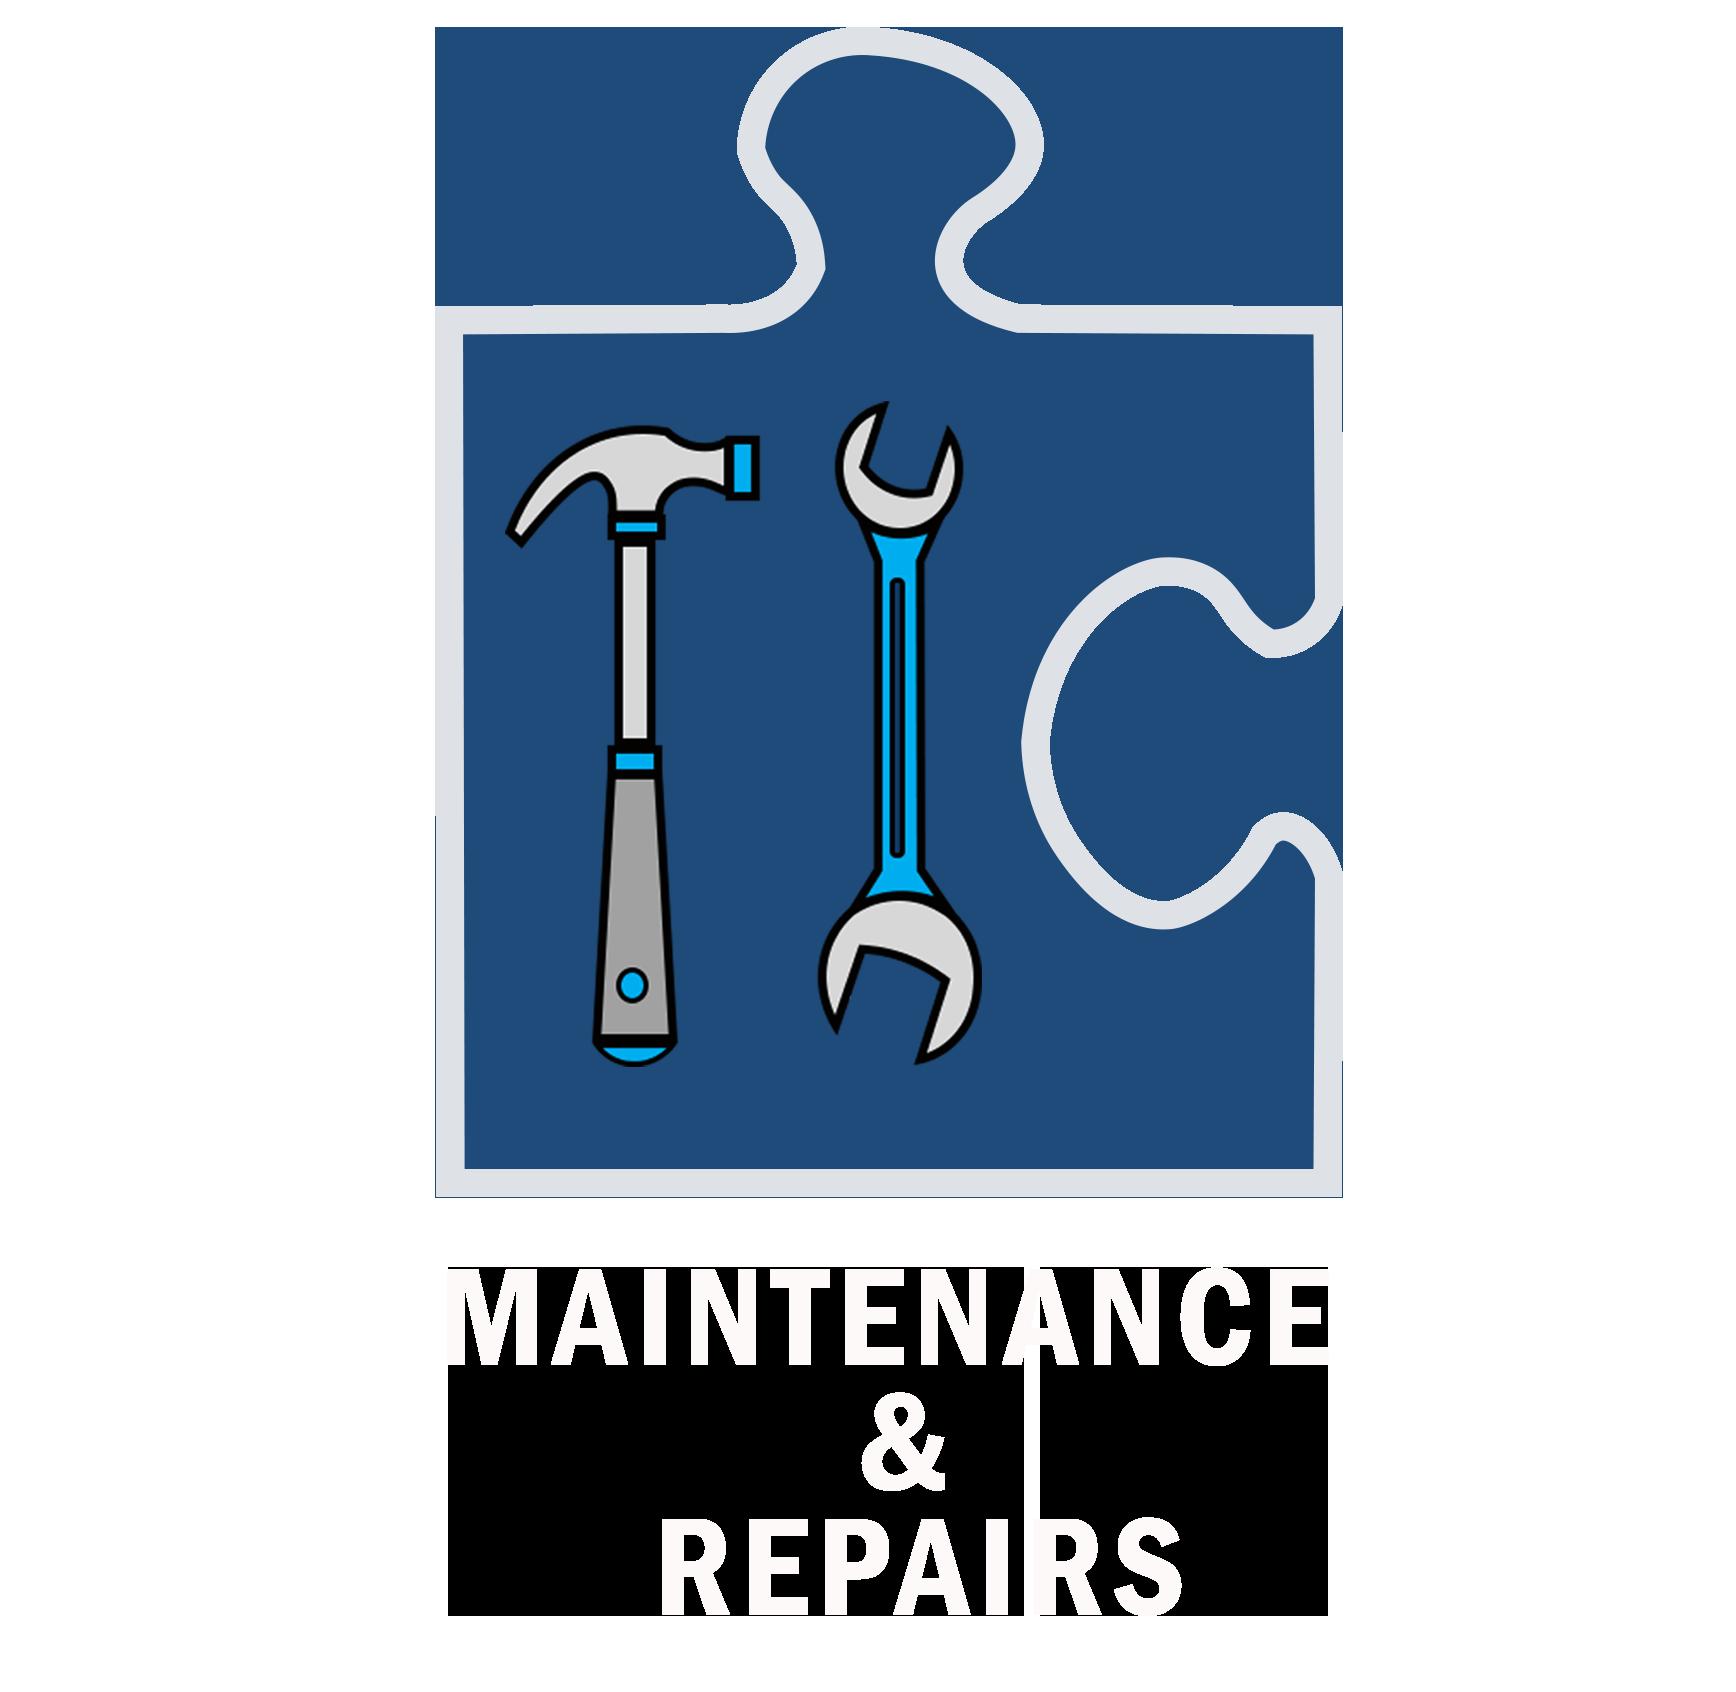 Maintenance & Repairs White Text